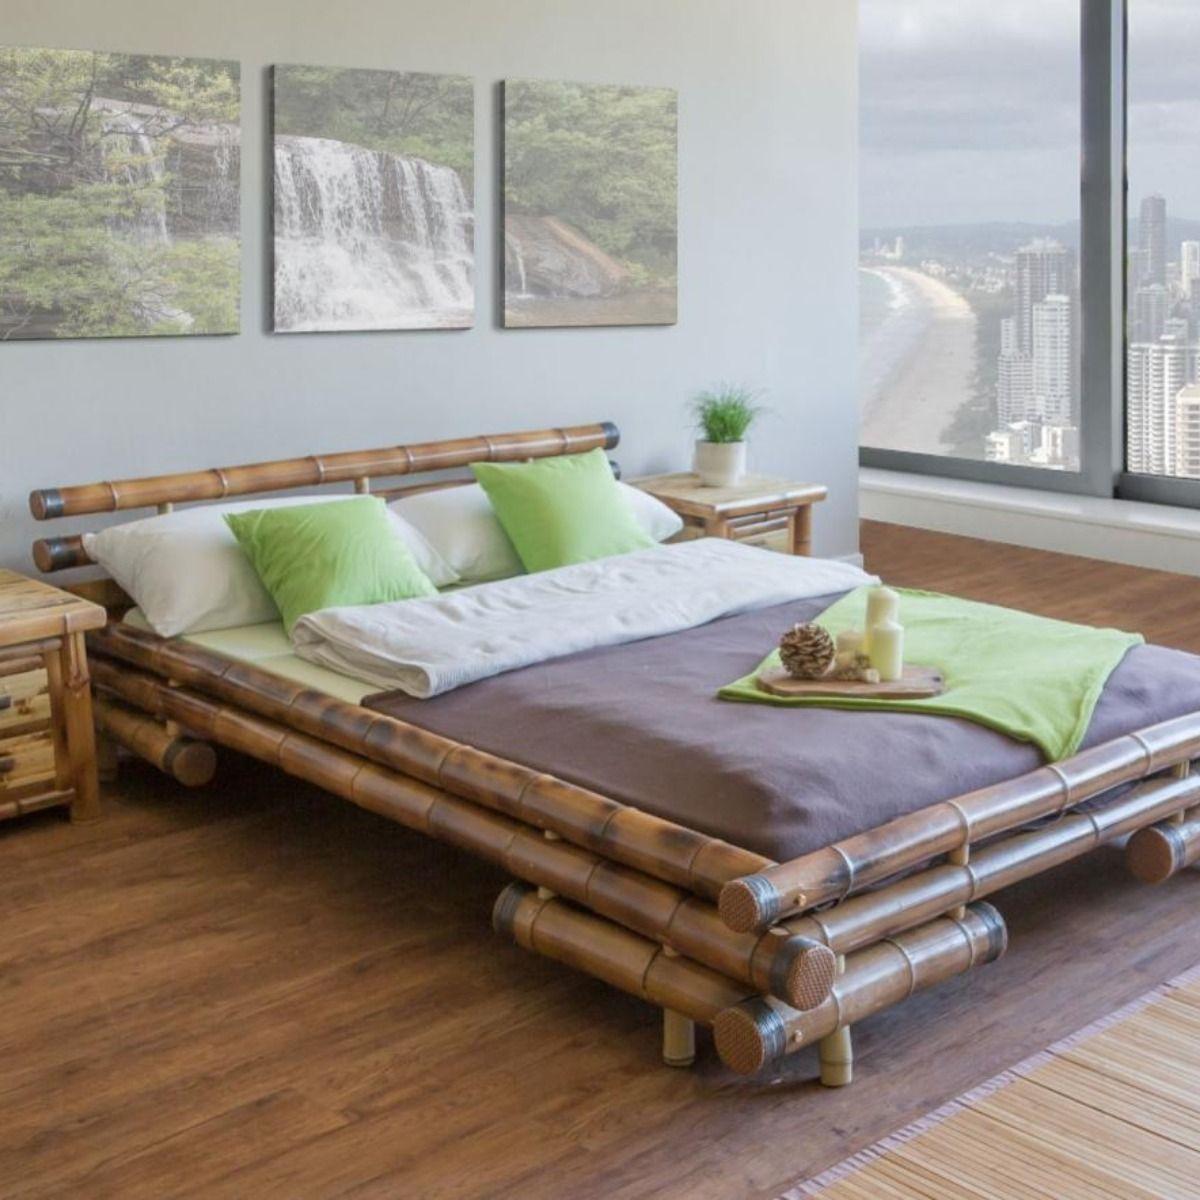 Lit 160x200 Cm En Bambou Brun Cielterre Commerce Lit Bambou Lit 160x200 Idee Deco Bambou